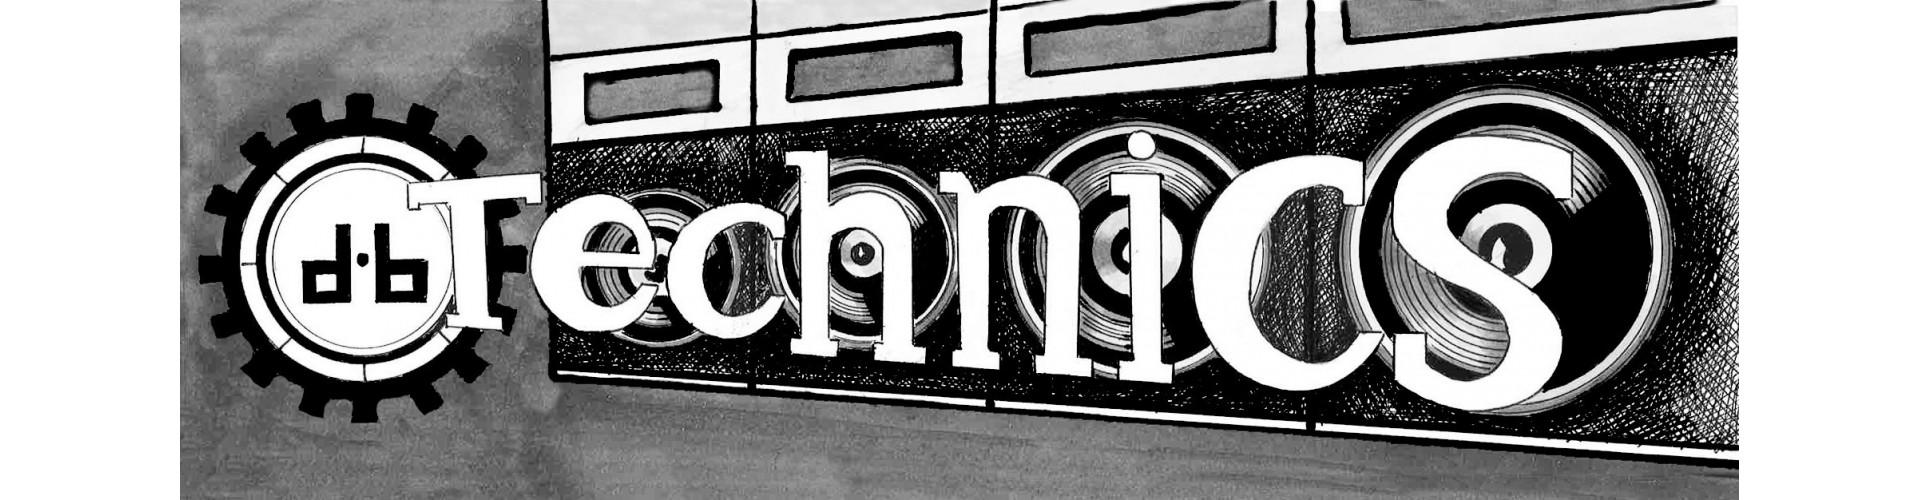 T-Shirt Technics Homme pas cher, tee shirt technics homme original